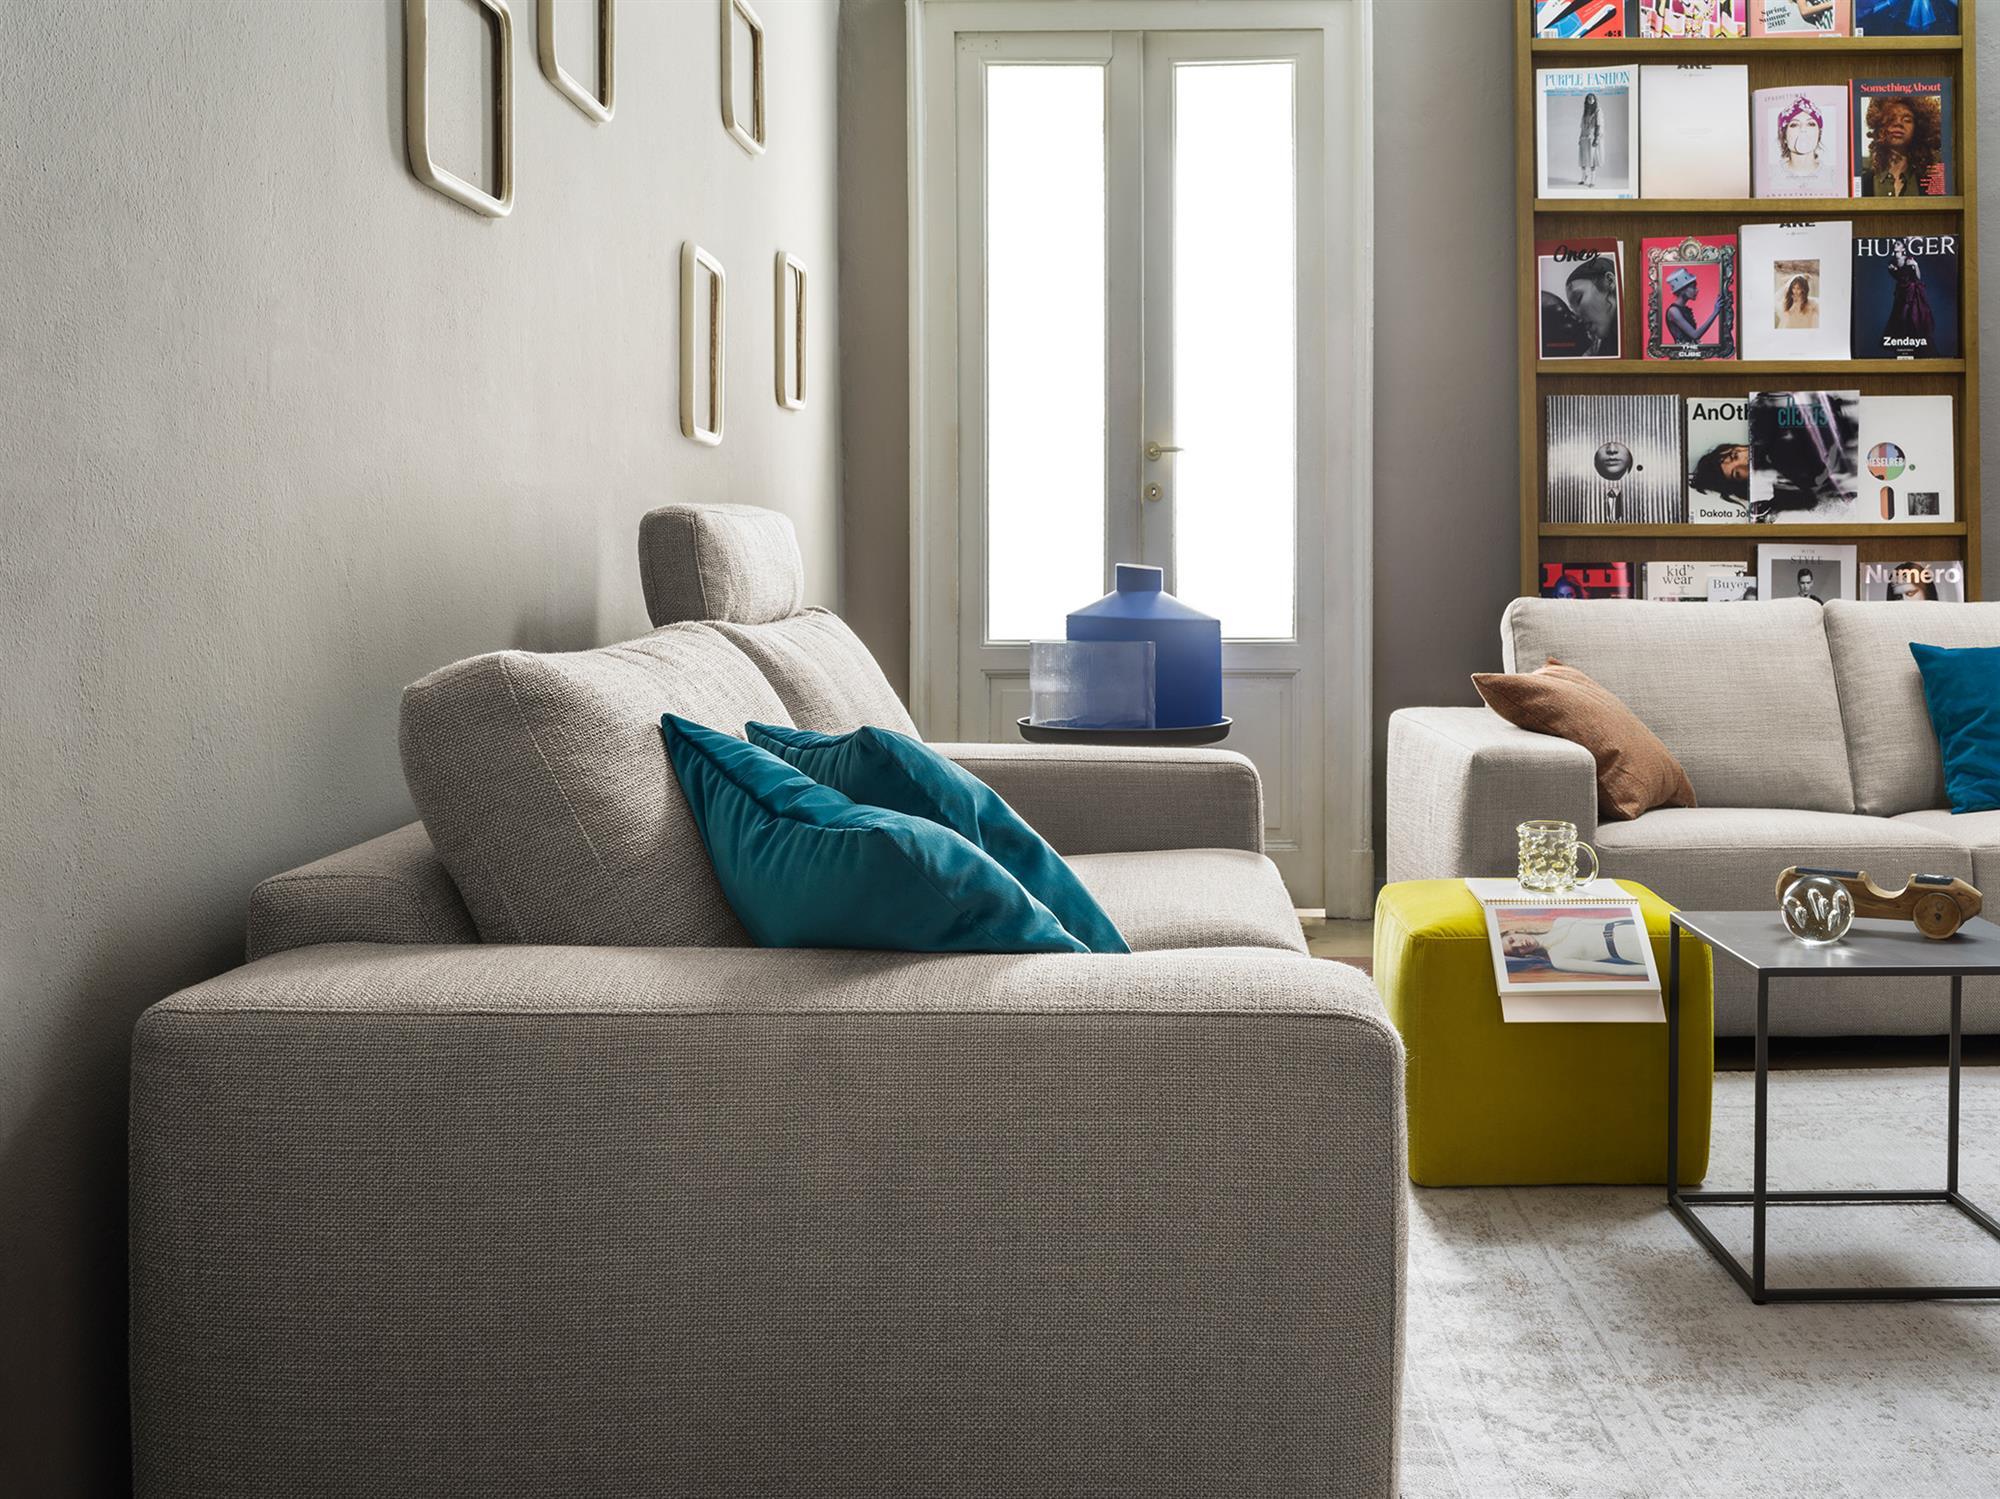 Vittorio – Divano senza tempo a cui basta un tocco di colore per rinnovarsi continuamente – 220×101  – Diesis Perla